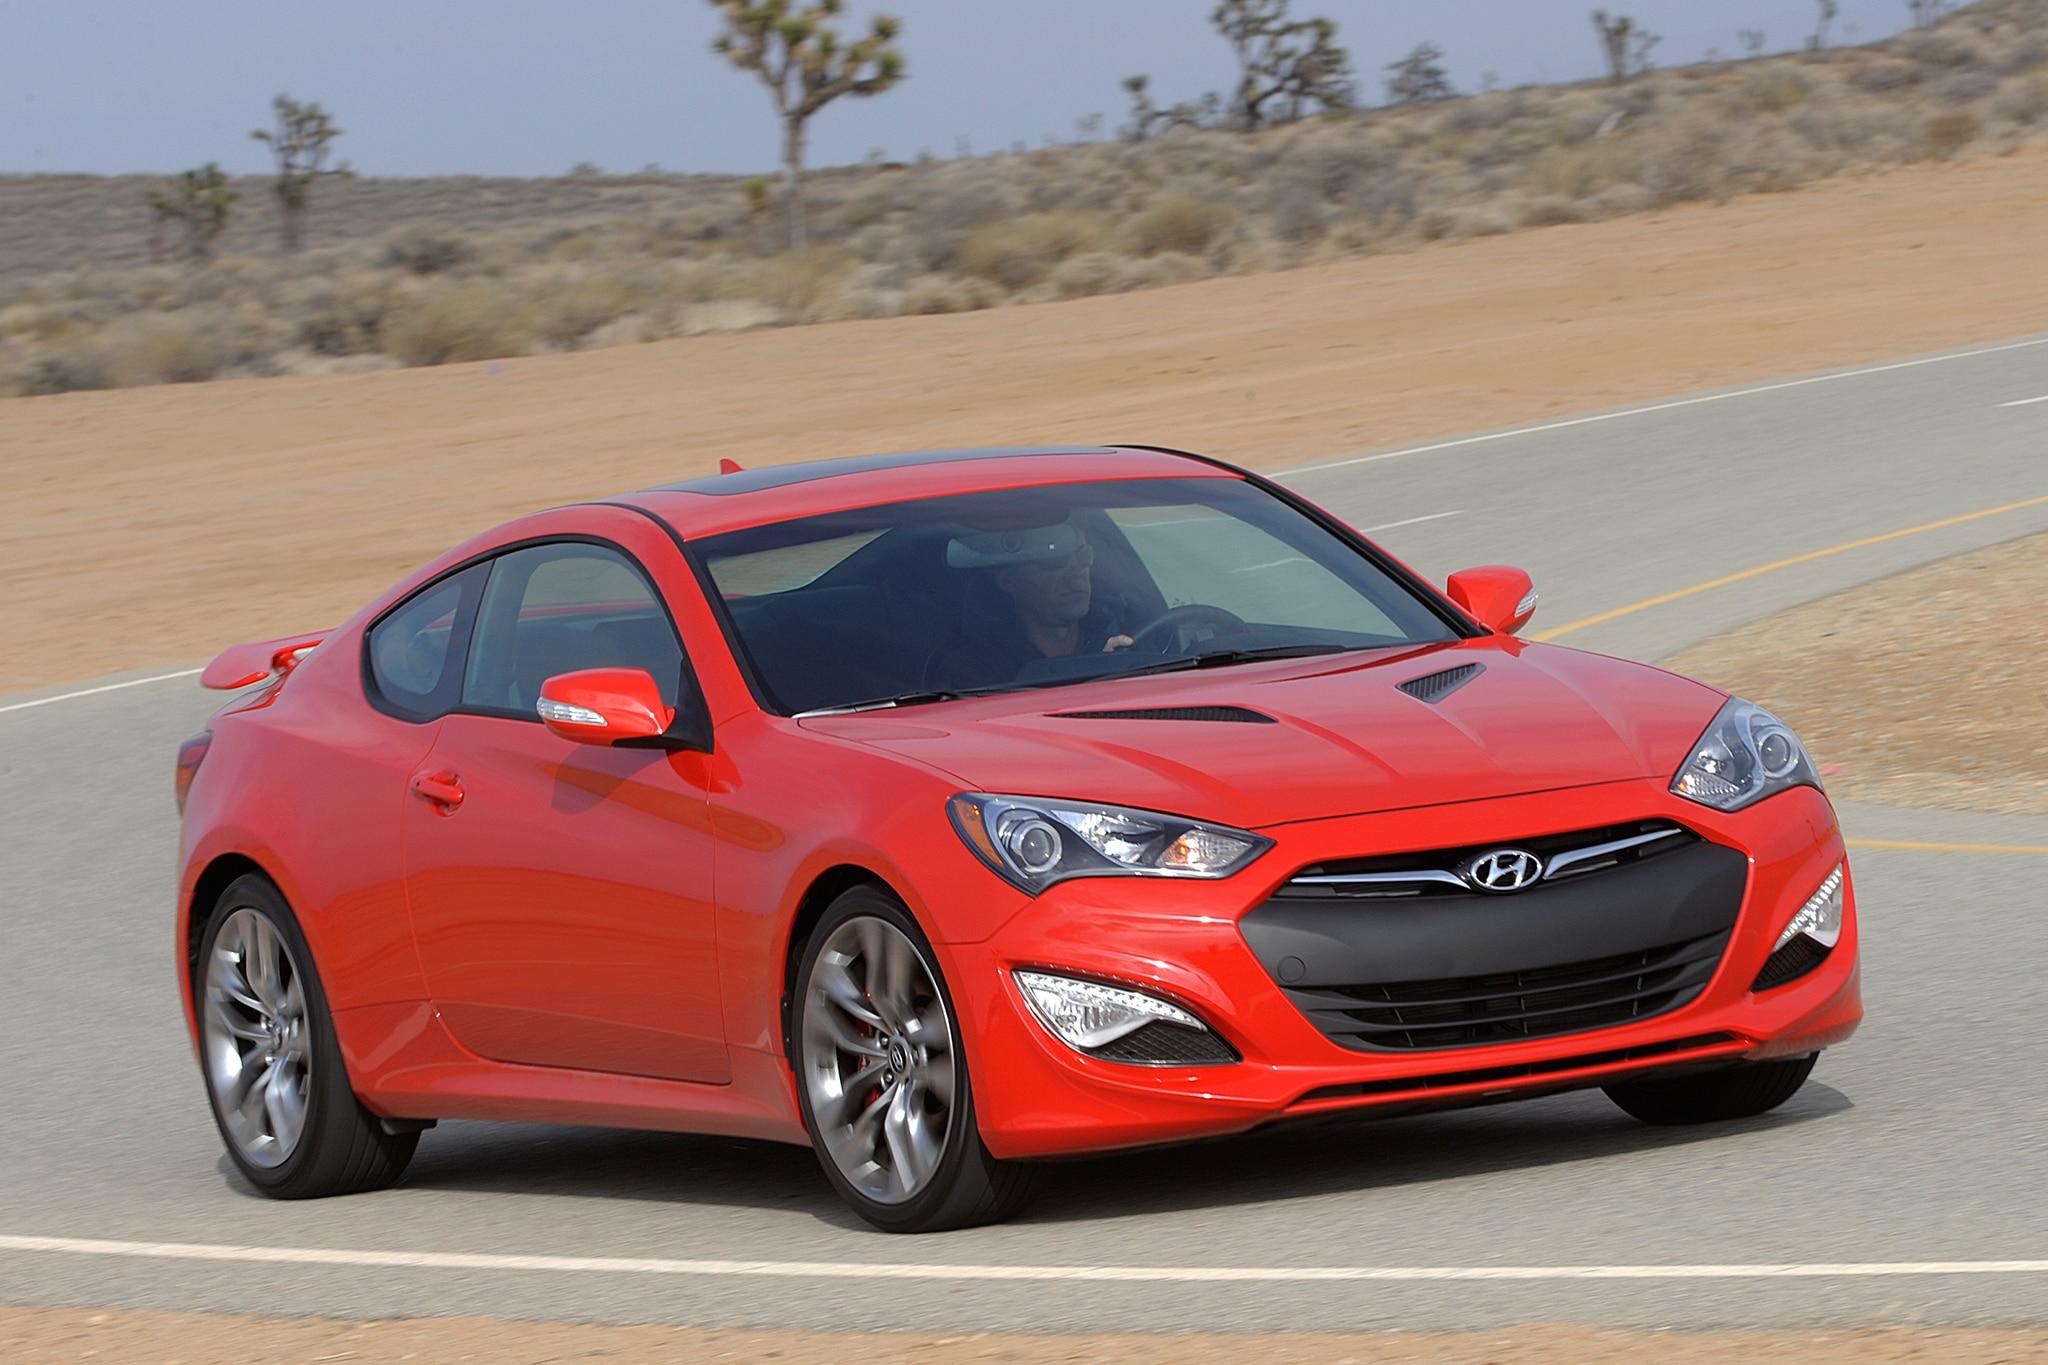 2014 Hyundai Genesis Coupe Priced At 27 245 Automobile